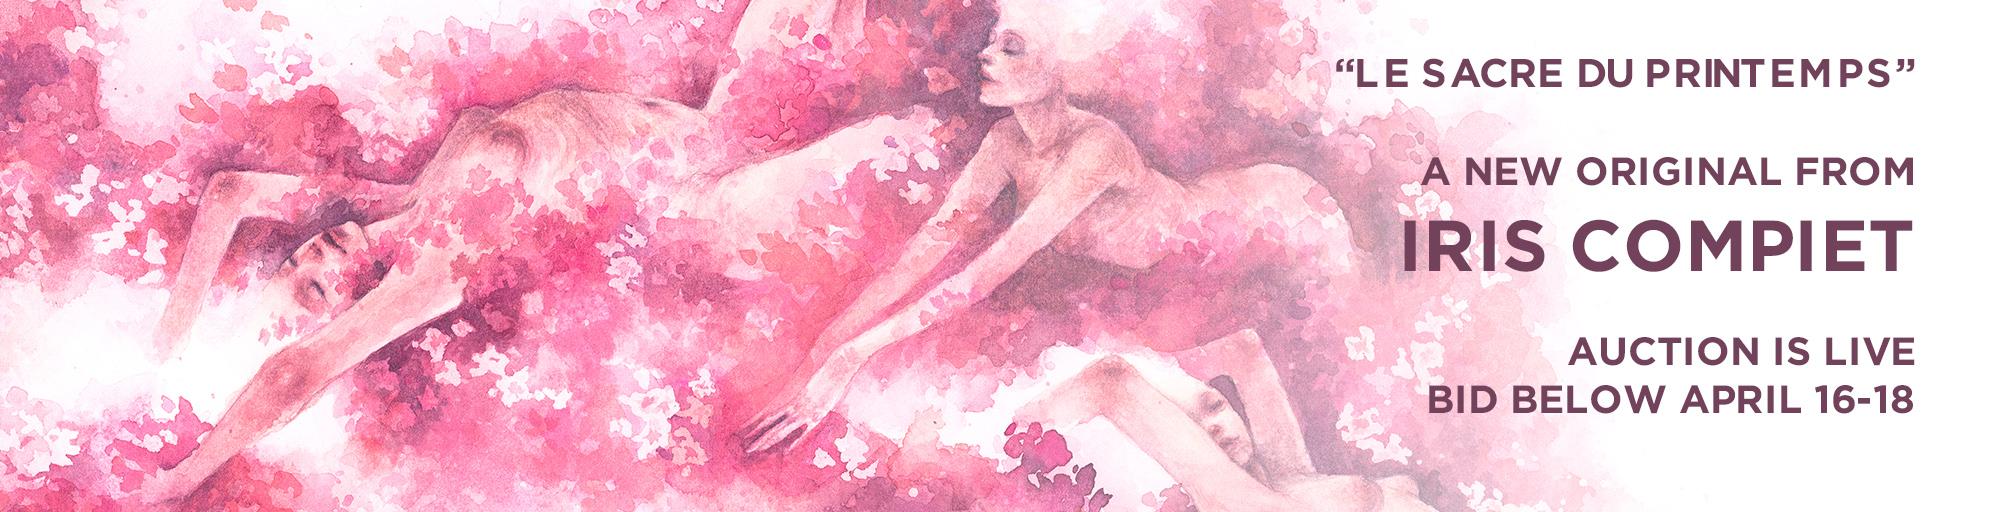 Le Sacre du printemps, a watercolor original by Iris Compiet